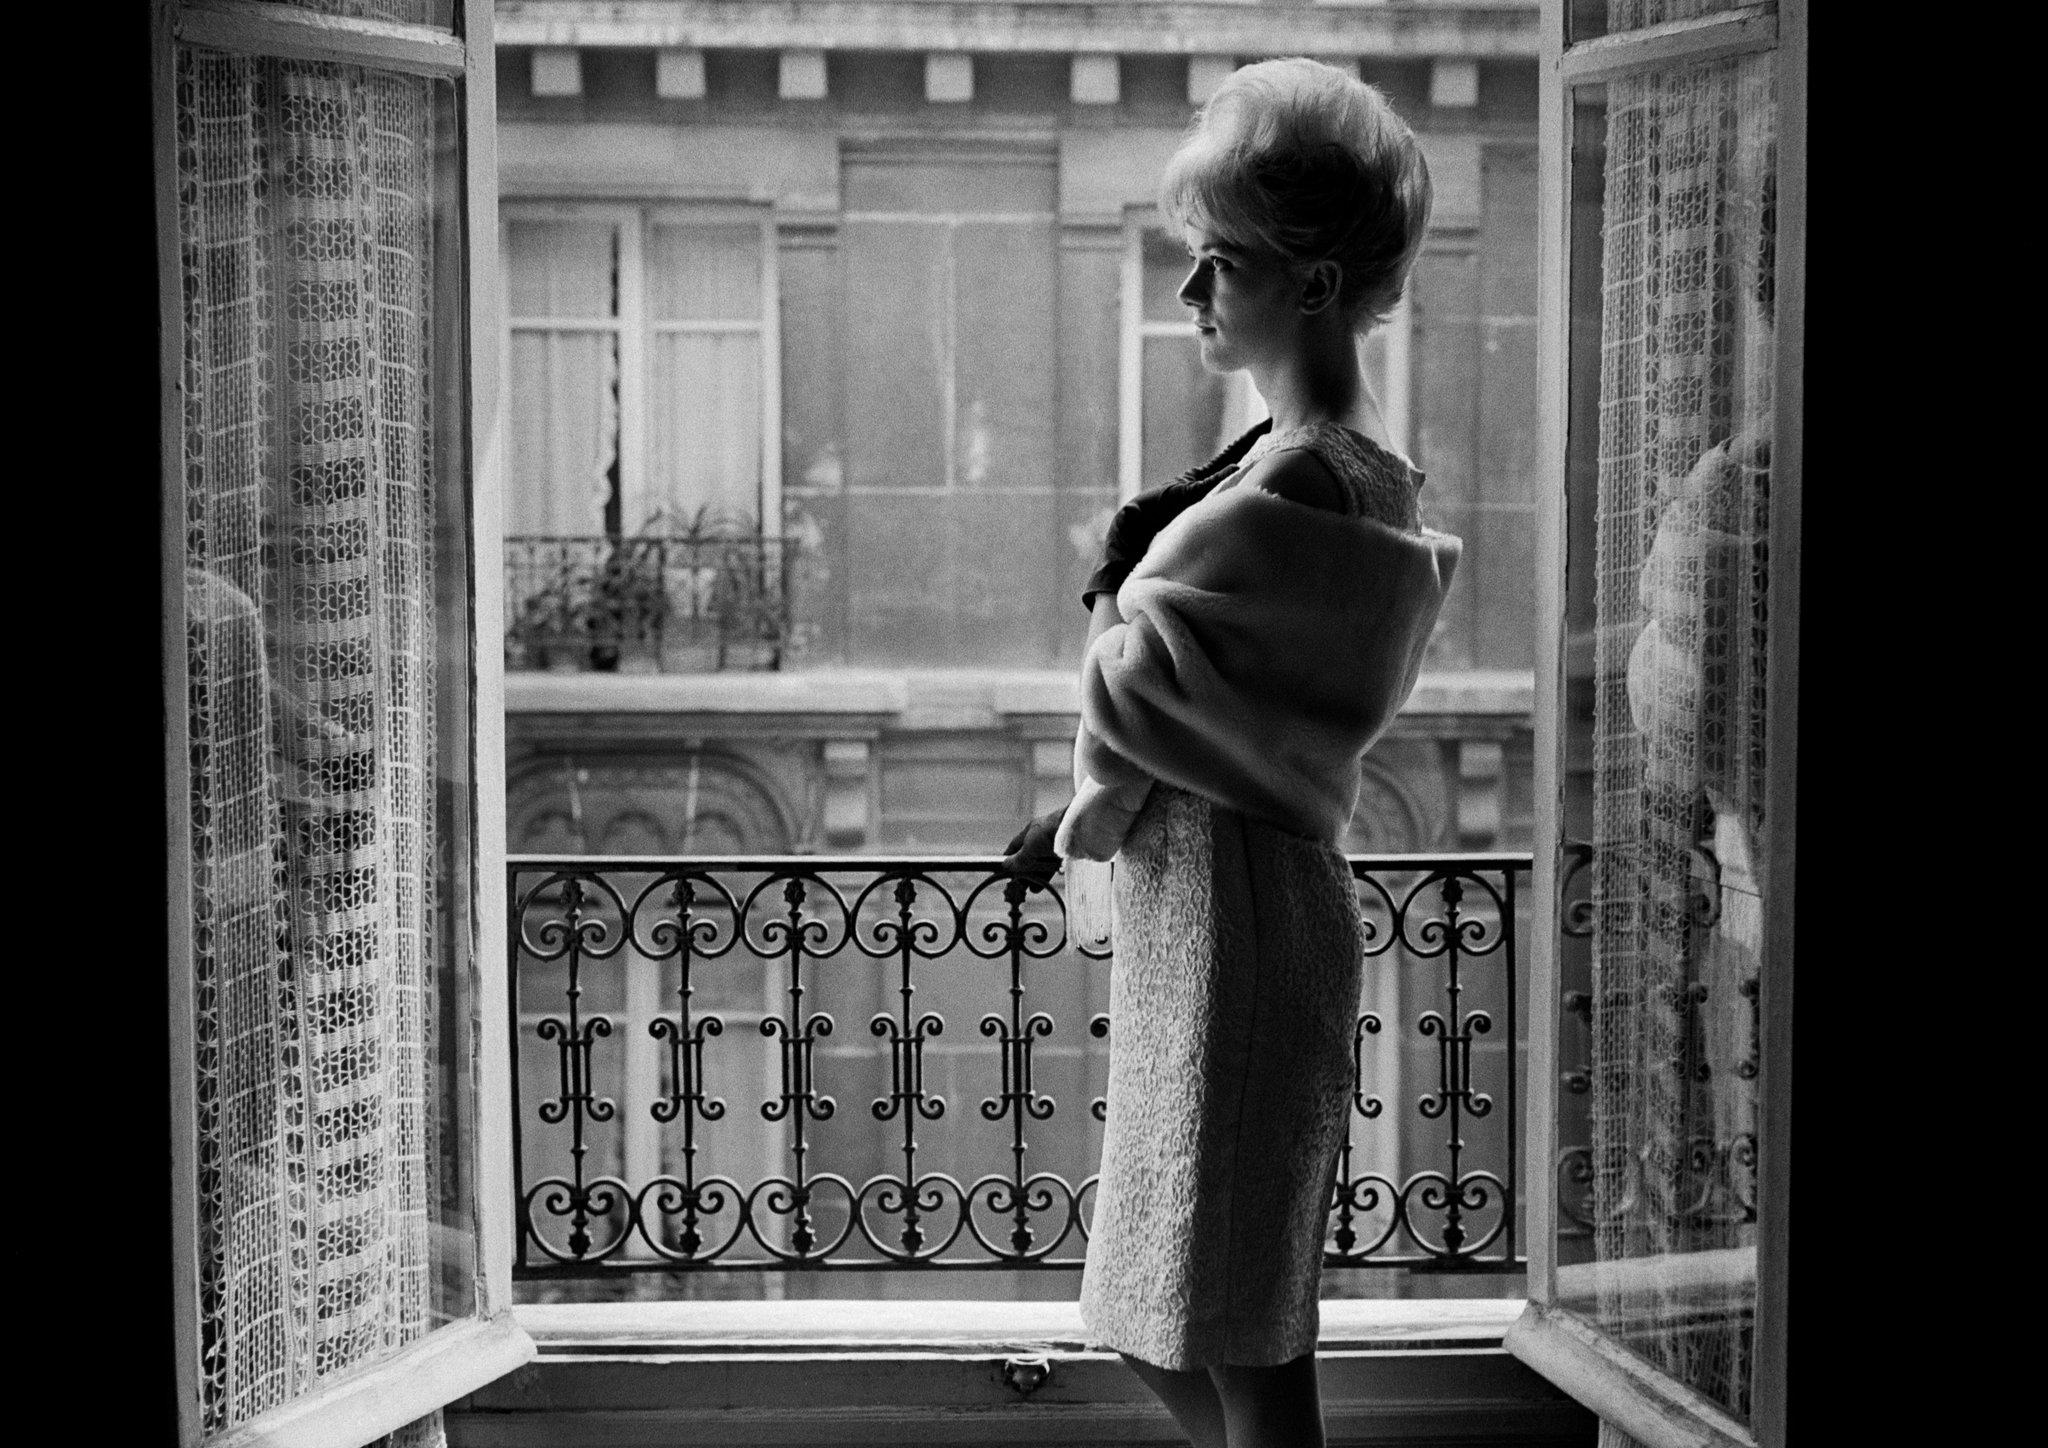 Mimosa à l'Hôtel Pierrots. Paris, 1963. © Christer Strömholm Estate/Agence VU